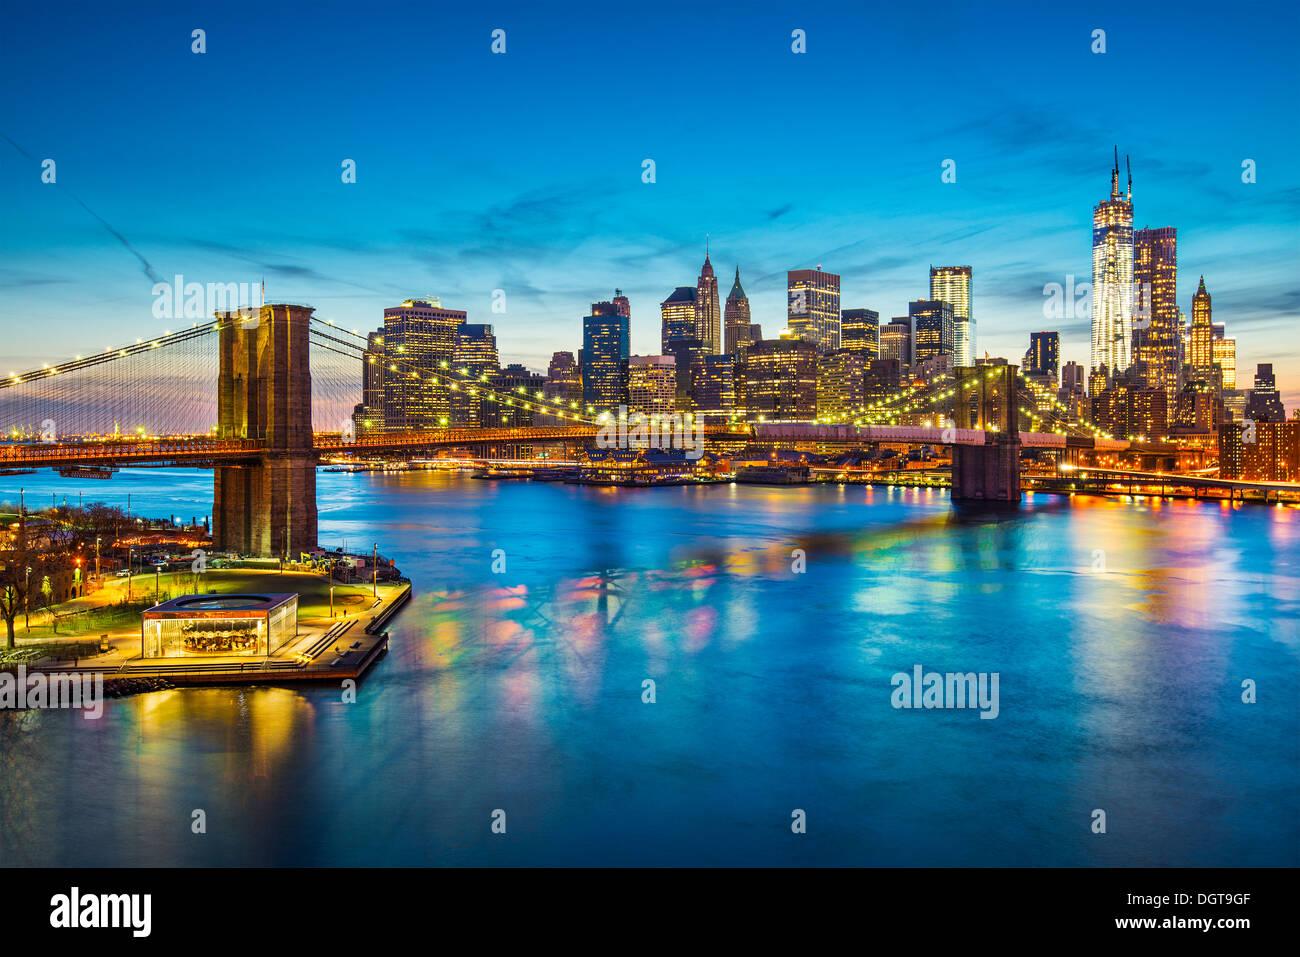 Vue de la ville de New York sur l'East River vers le quartier financier dans le borough de Manhattan. Photo Stock